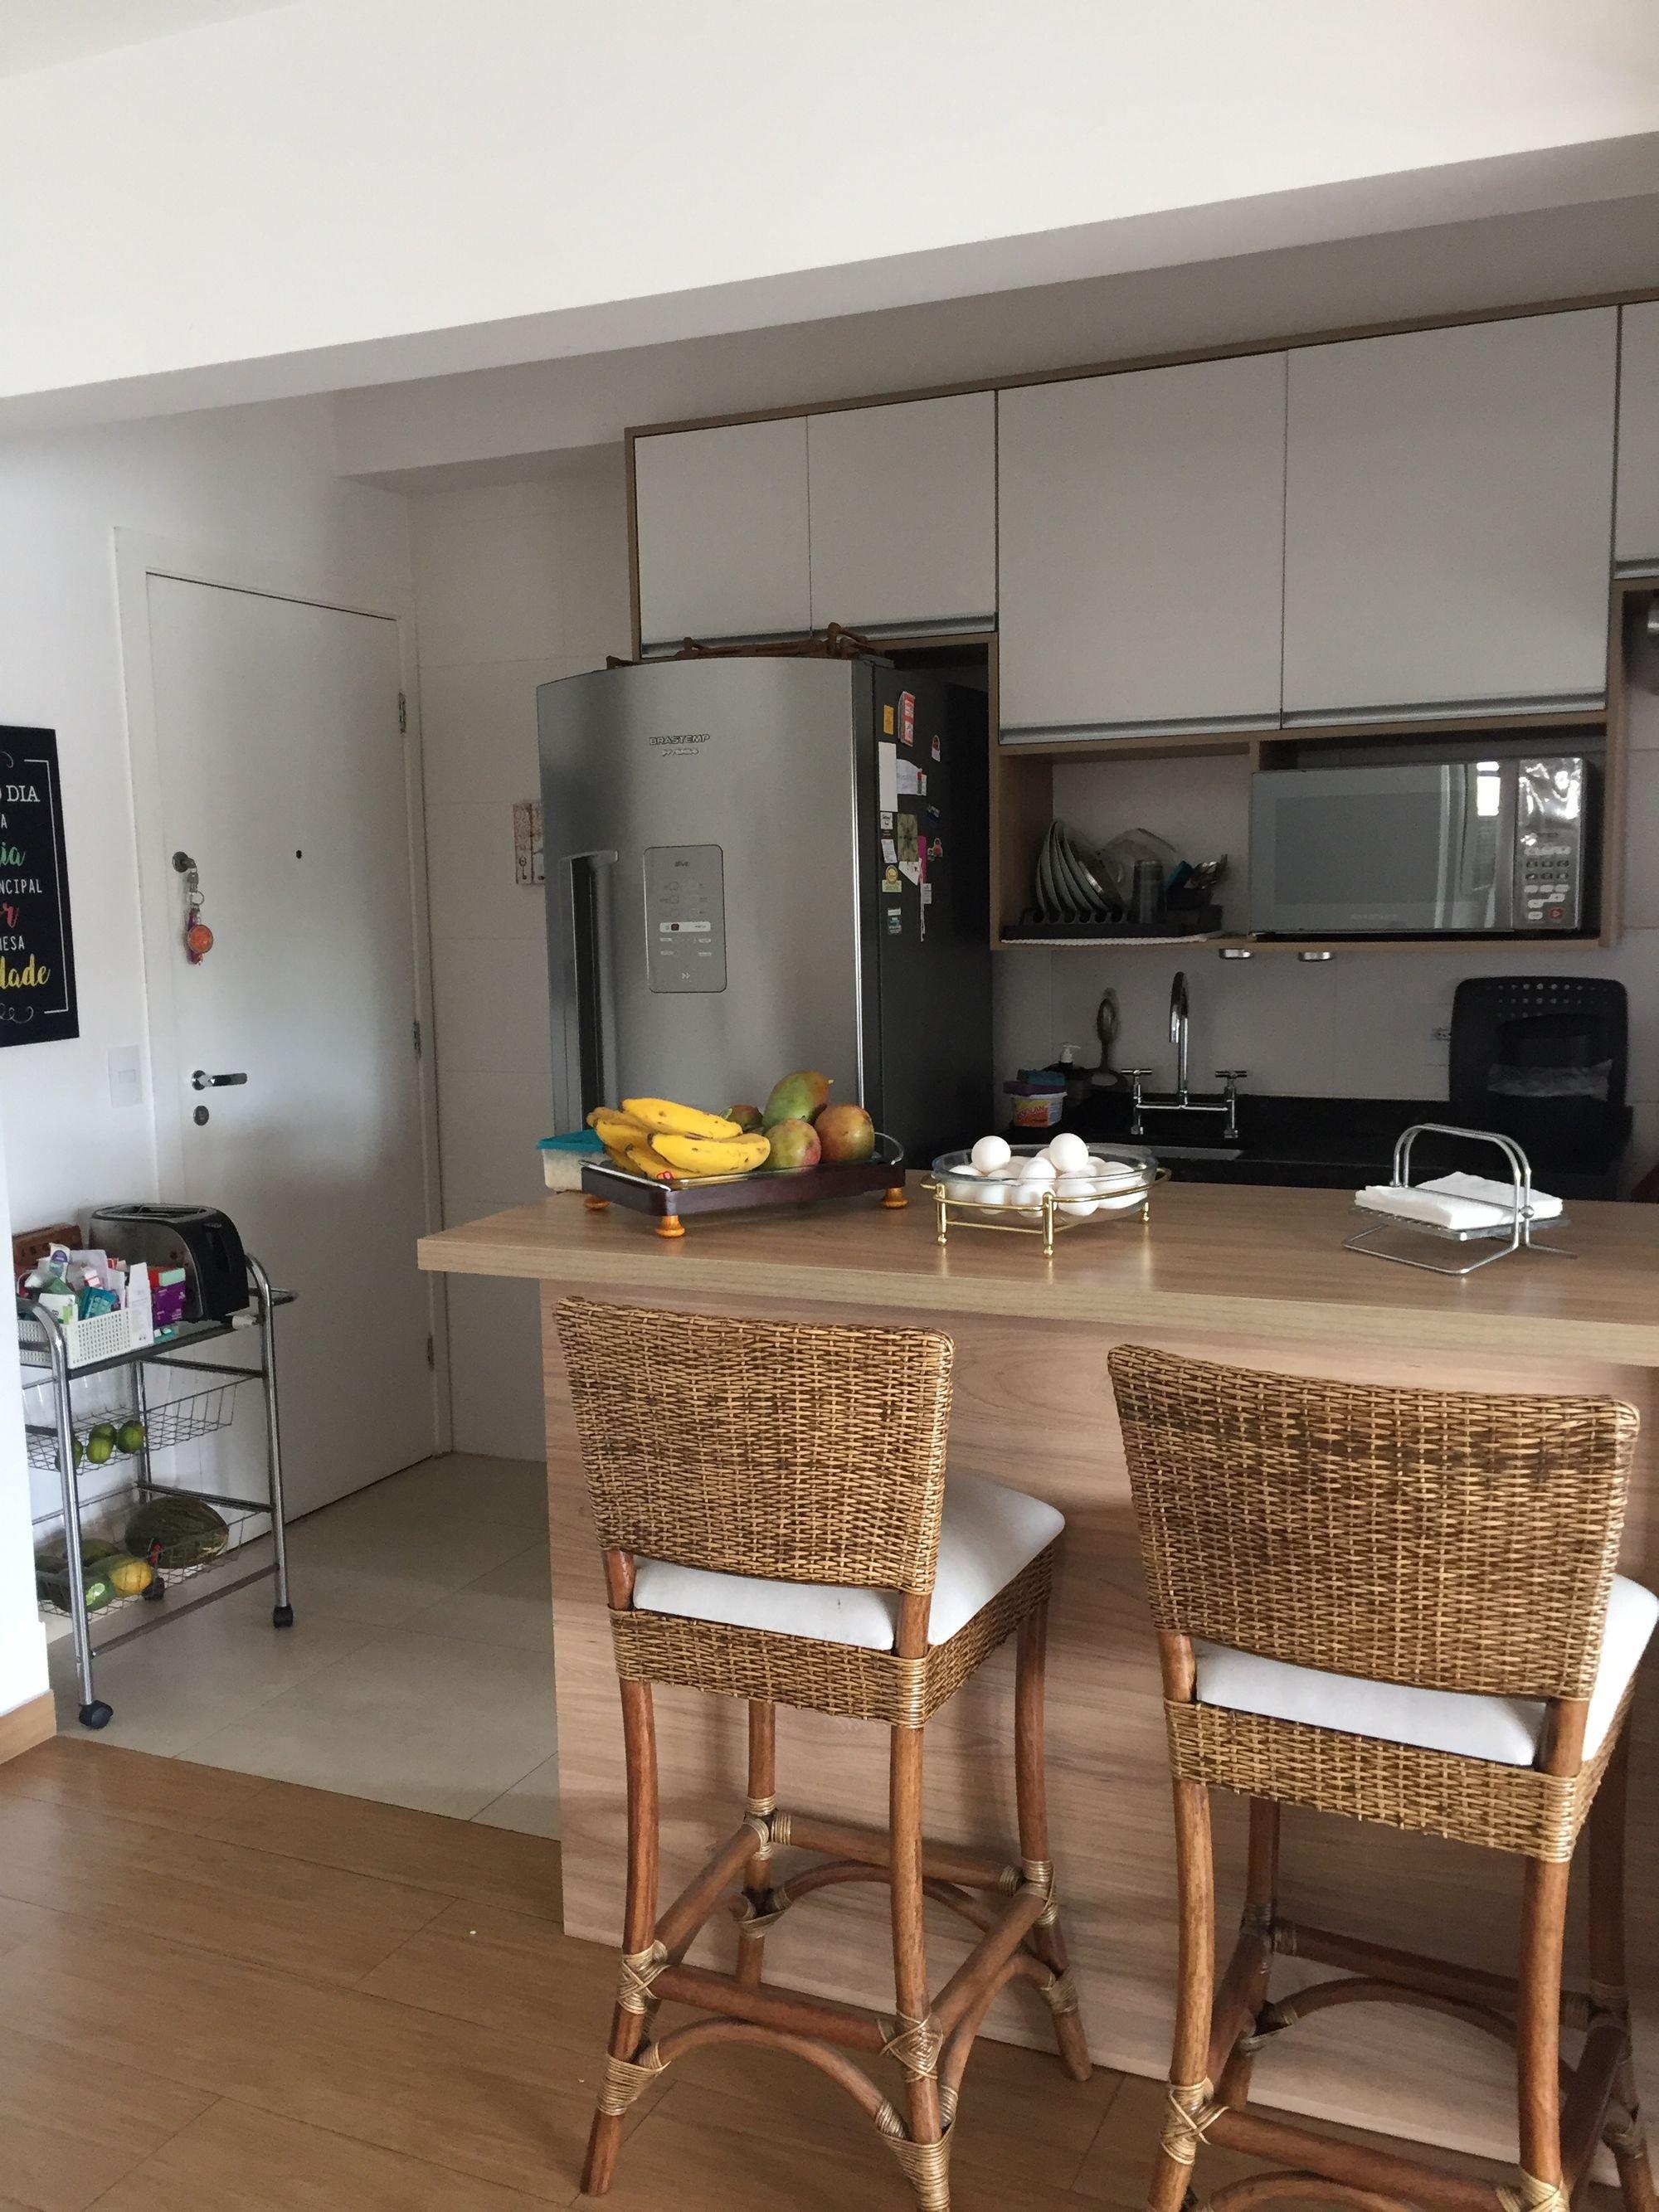 Foto de Sala com geladeira, cadeira, microondas